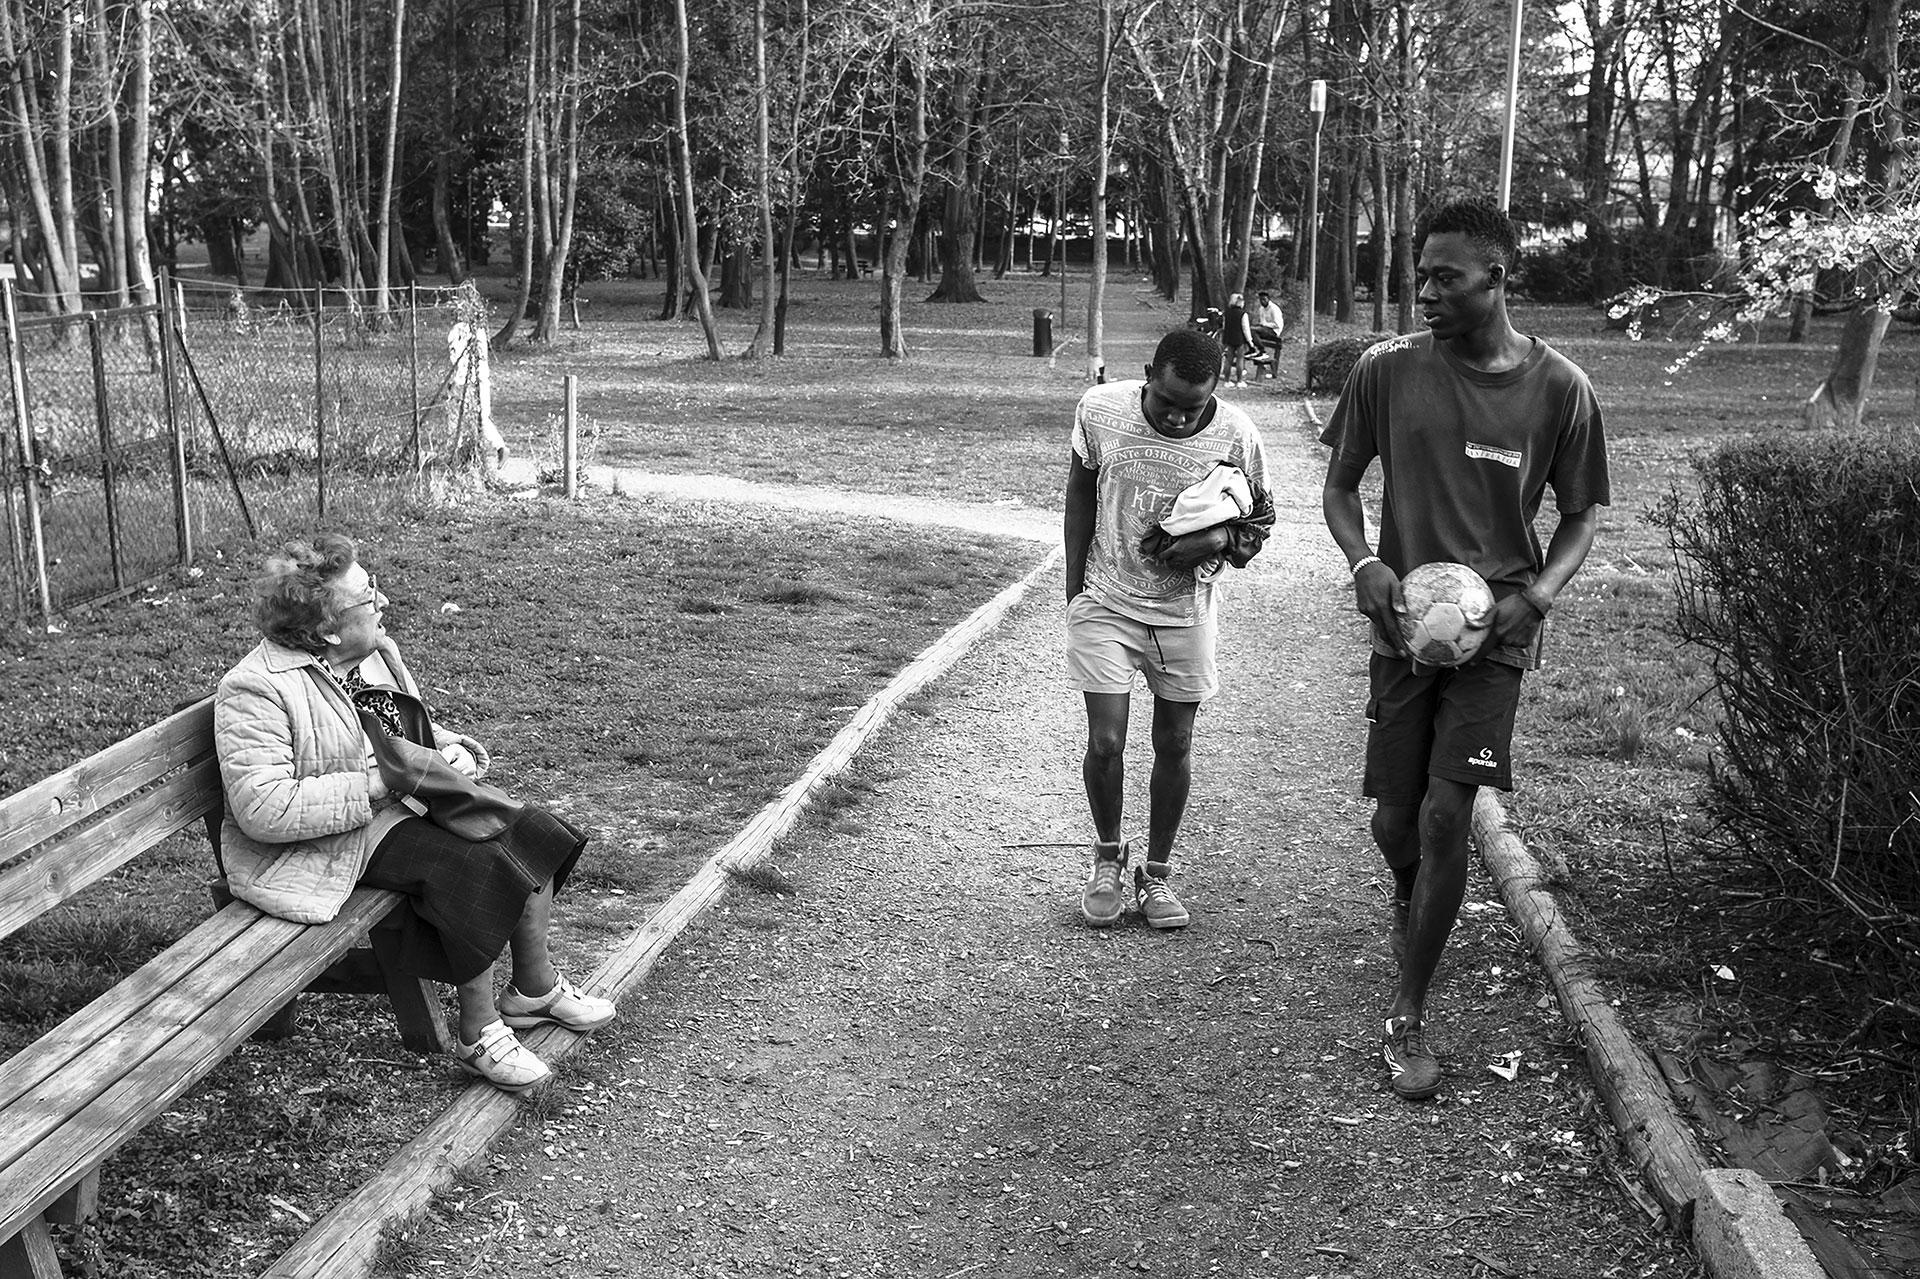 Malick y Muhammad, de Senegal, regresan a casa después de jugar al fútbol en un parque situado cerca del lugar donde viven. Este parque es frecuentado también por ancianos que residen en los edificios aledaños, que ahora conviven con la realidad migratoria. Biella tiene una población envejecida, y la mayoría de sus jóvenes se trasladan a ciudades más grandes para continuar sus estudios.